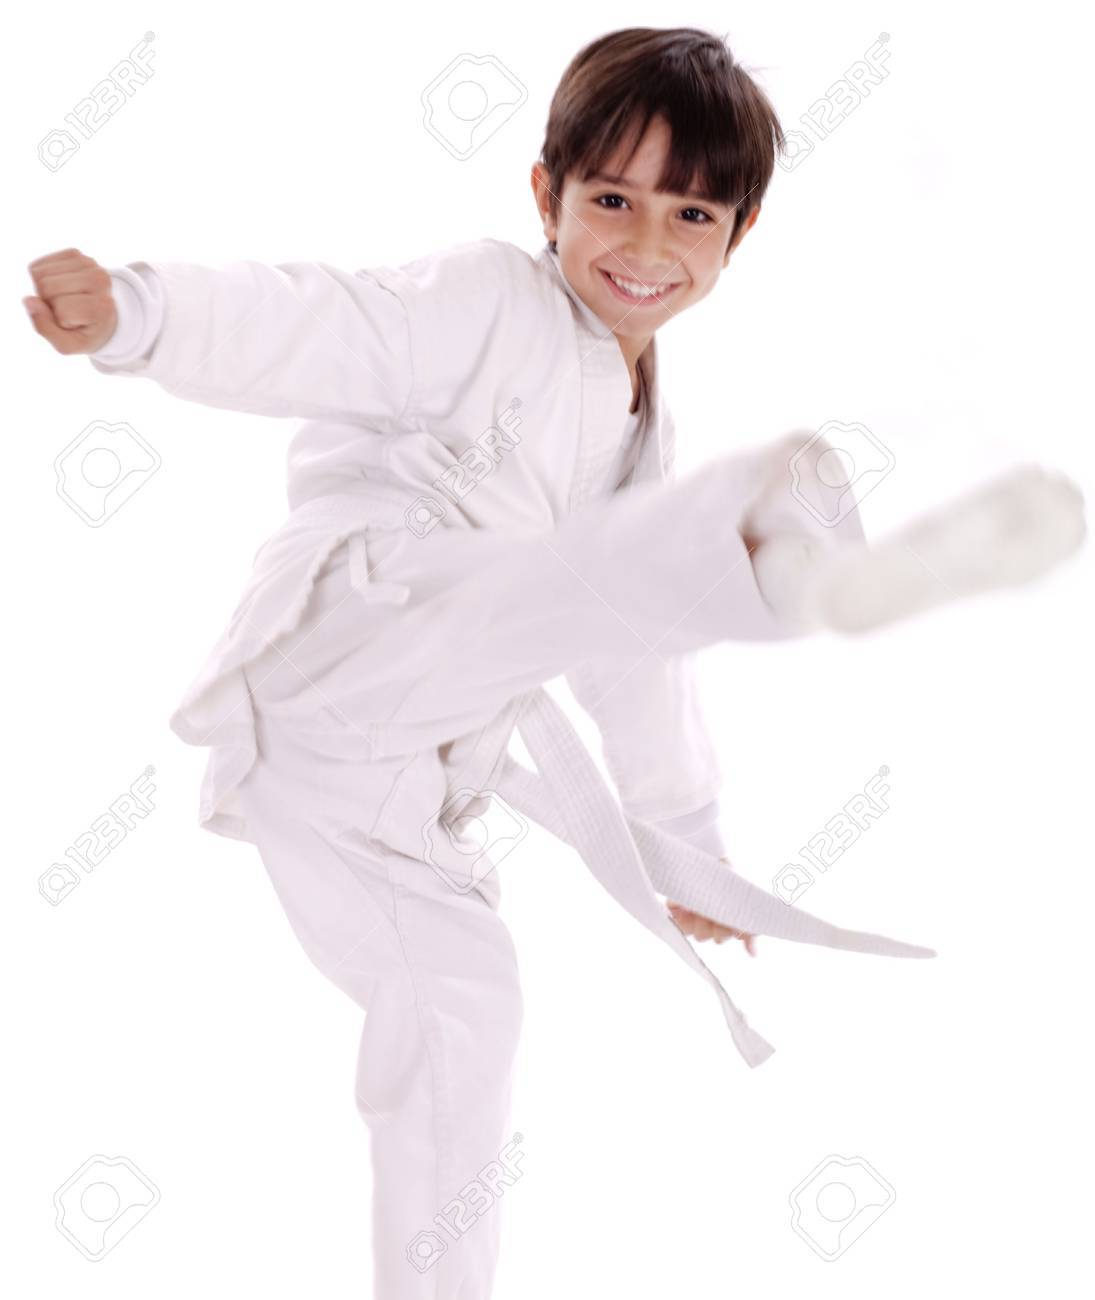 Karate boy excercising isolated white background - 9795713